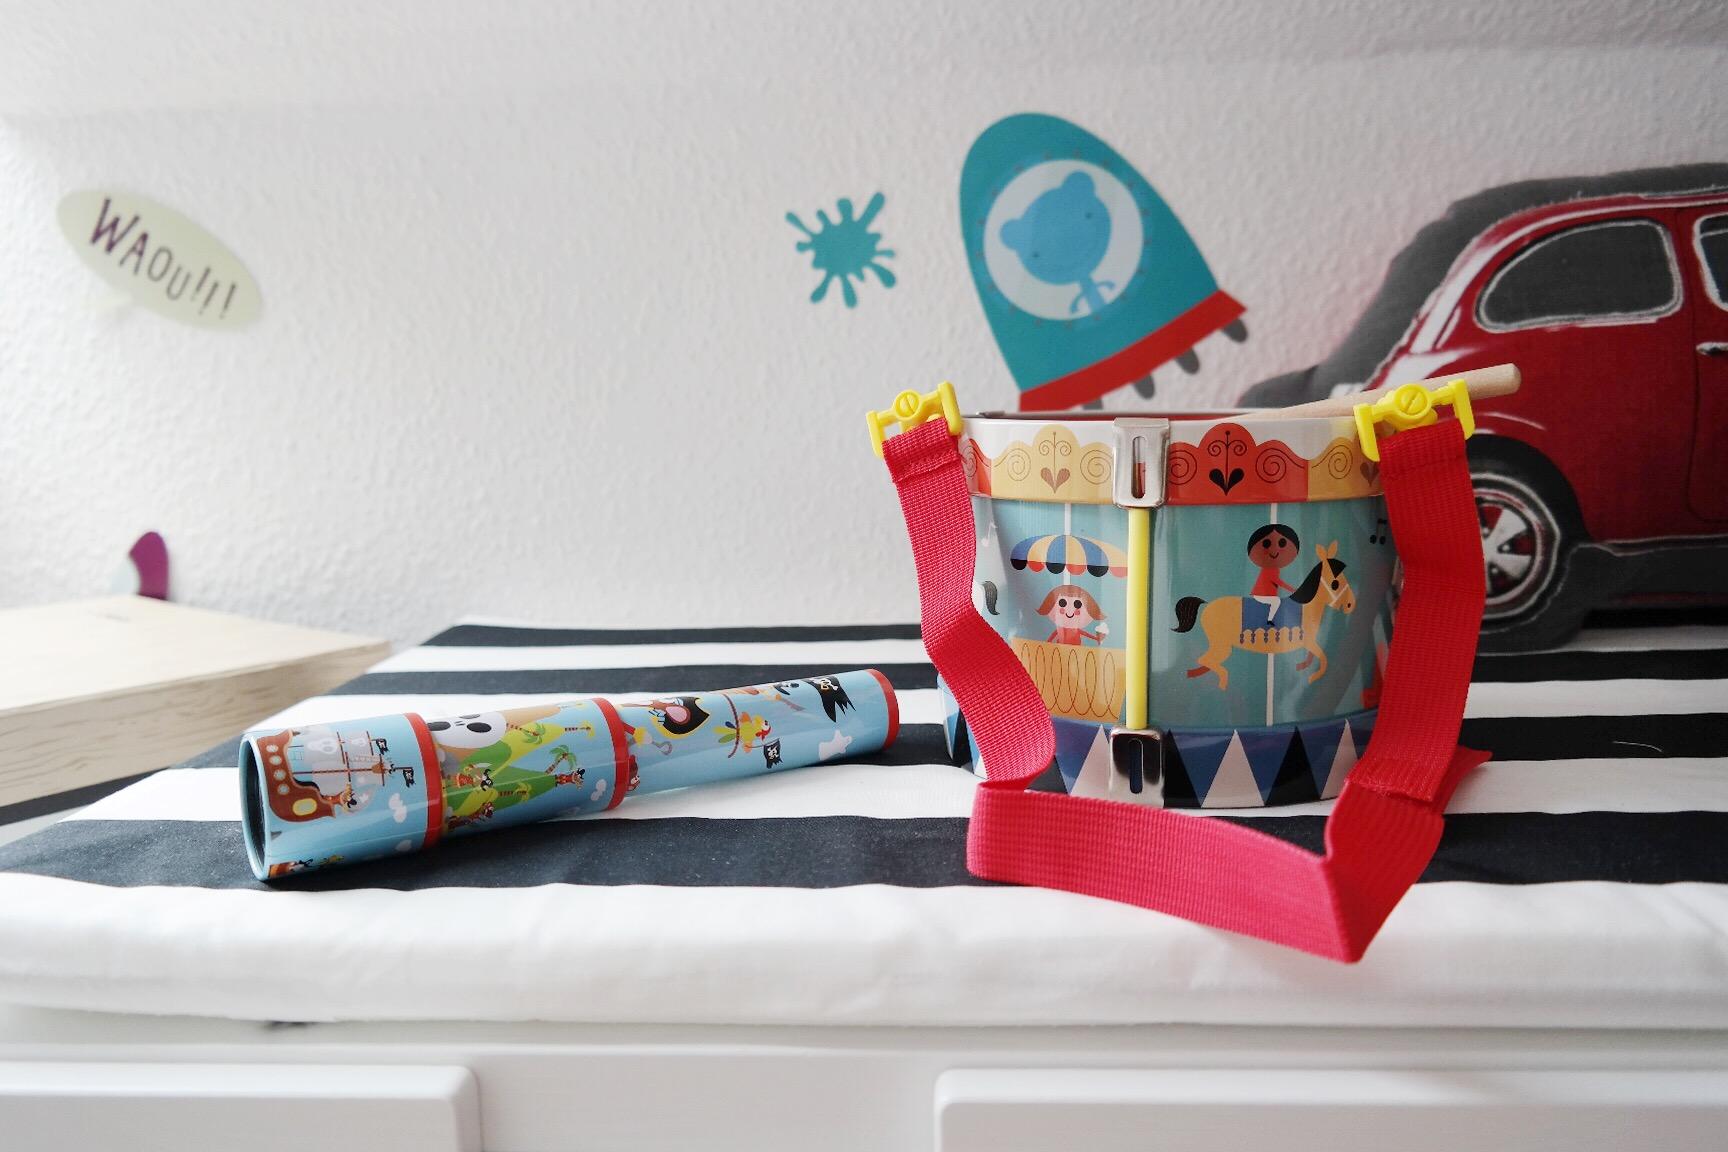 Full Size of Kinderzimmer Einrichten Junge Gewinnspiel Mamablog Schwarz Wei Küche Regale Regal Weiß Badezimmer Sofa Kleine Kinderzimmer Kinderzimmer Einrichten Junge